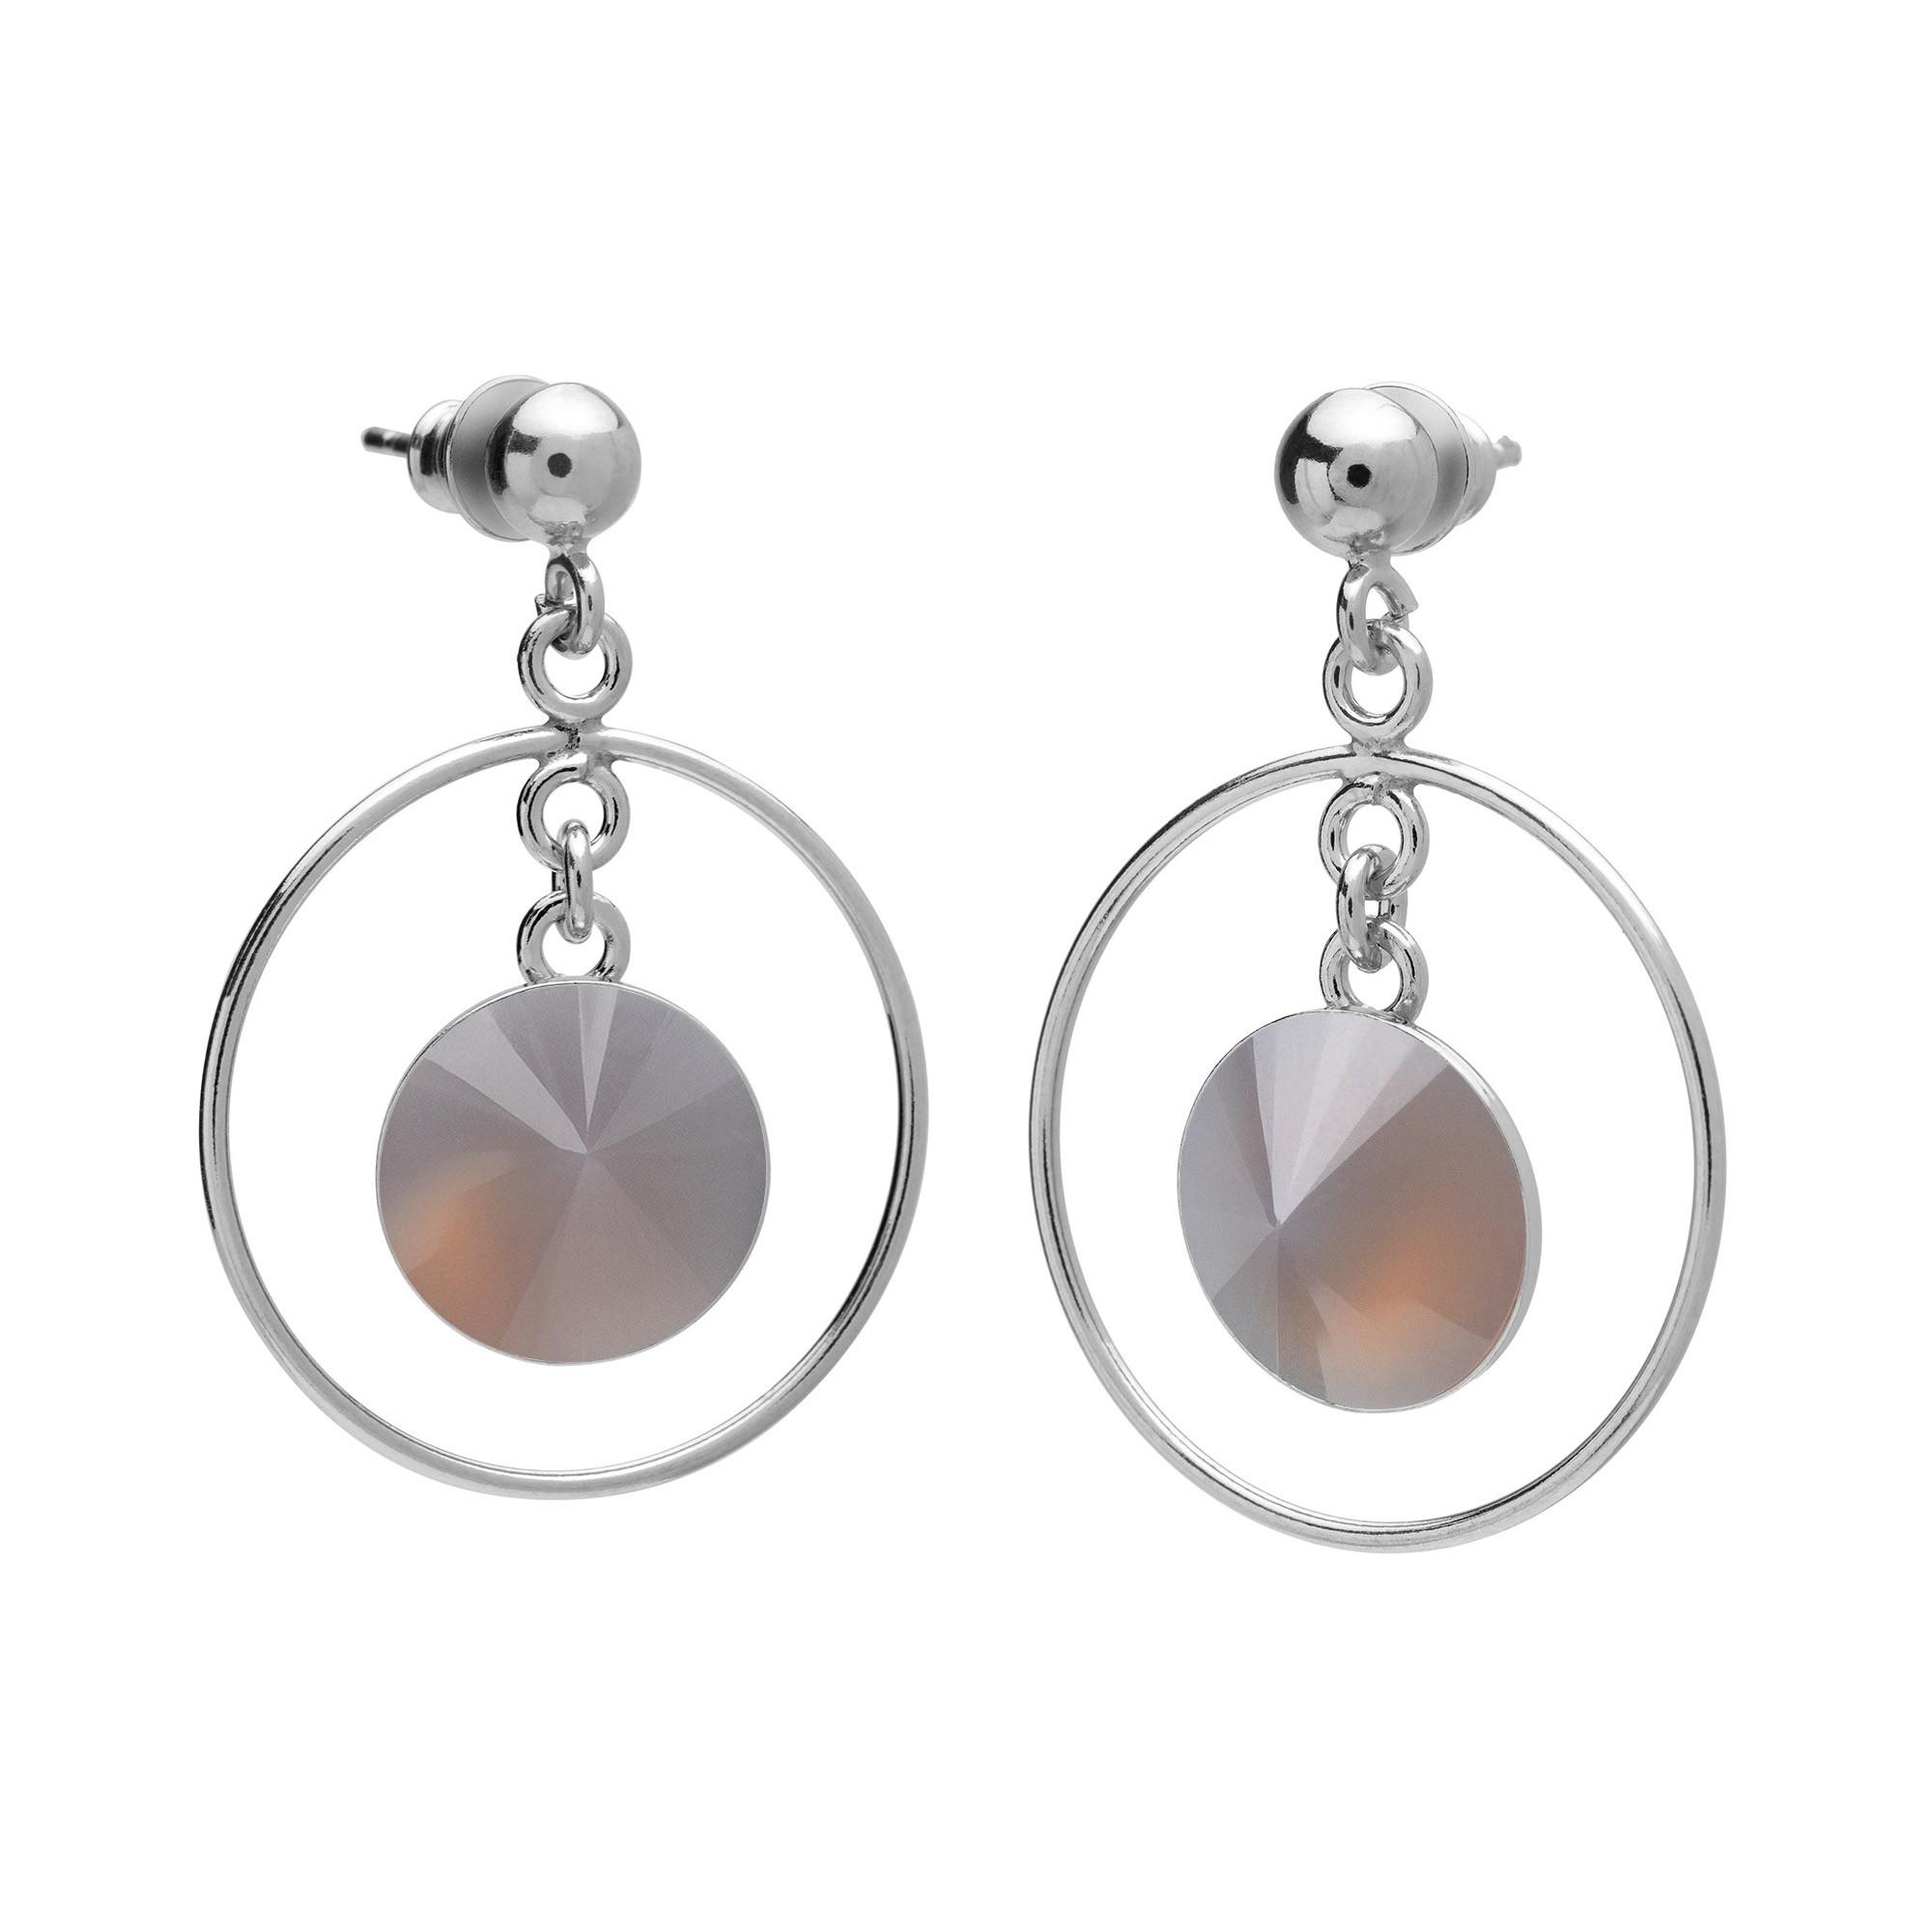 Okrągłe kolczyki z naturalnym kamieniem, kwarc dymiony, srebro 925